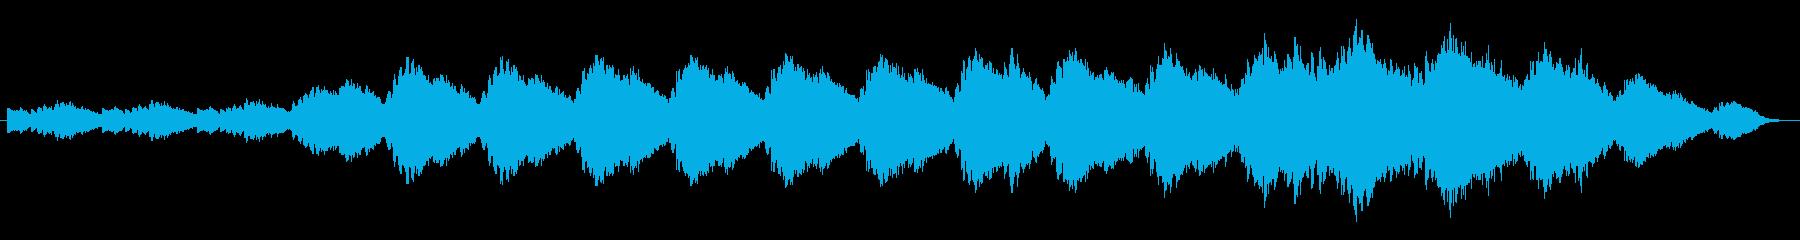 ギターループのアンビエント曲の再生済みの波形